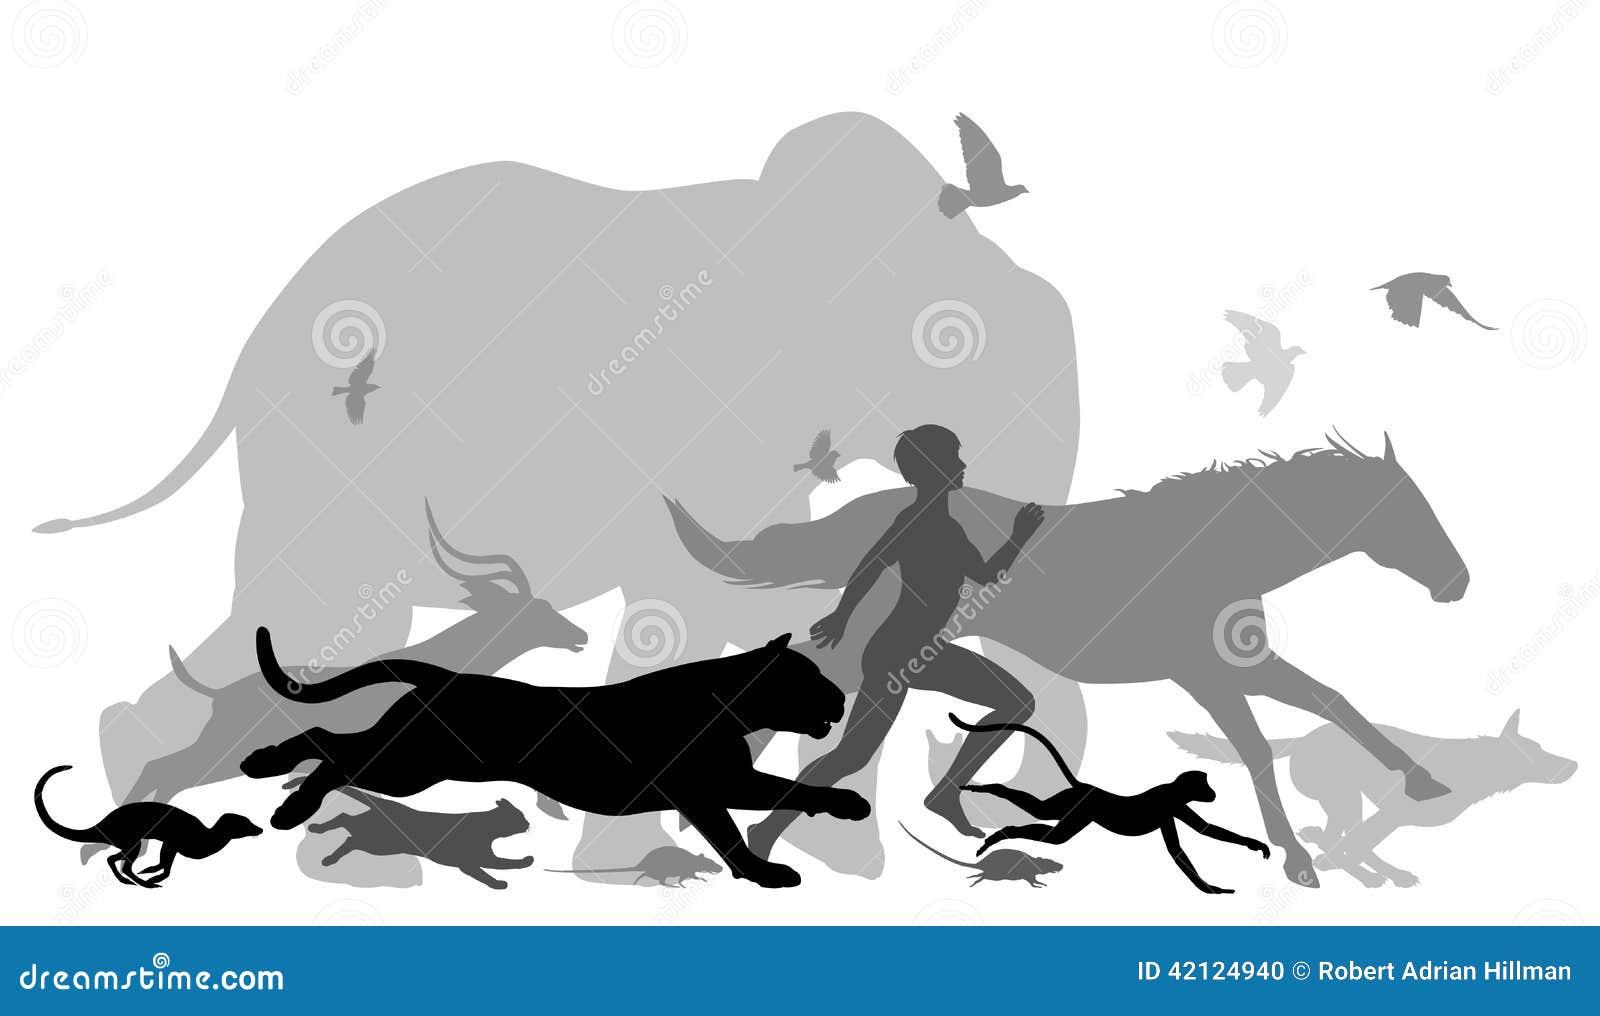 dieren men Mijnbiologienl, biologieles wanneer het jou uitkomt biologie oefenen, biologie toetsen, biologie leren voor leerlingen en docenten brugklas.